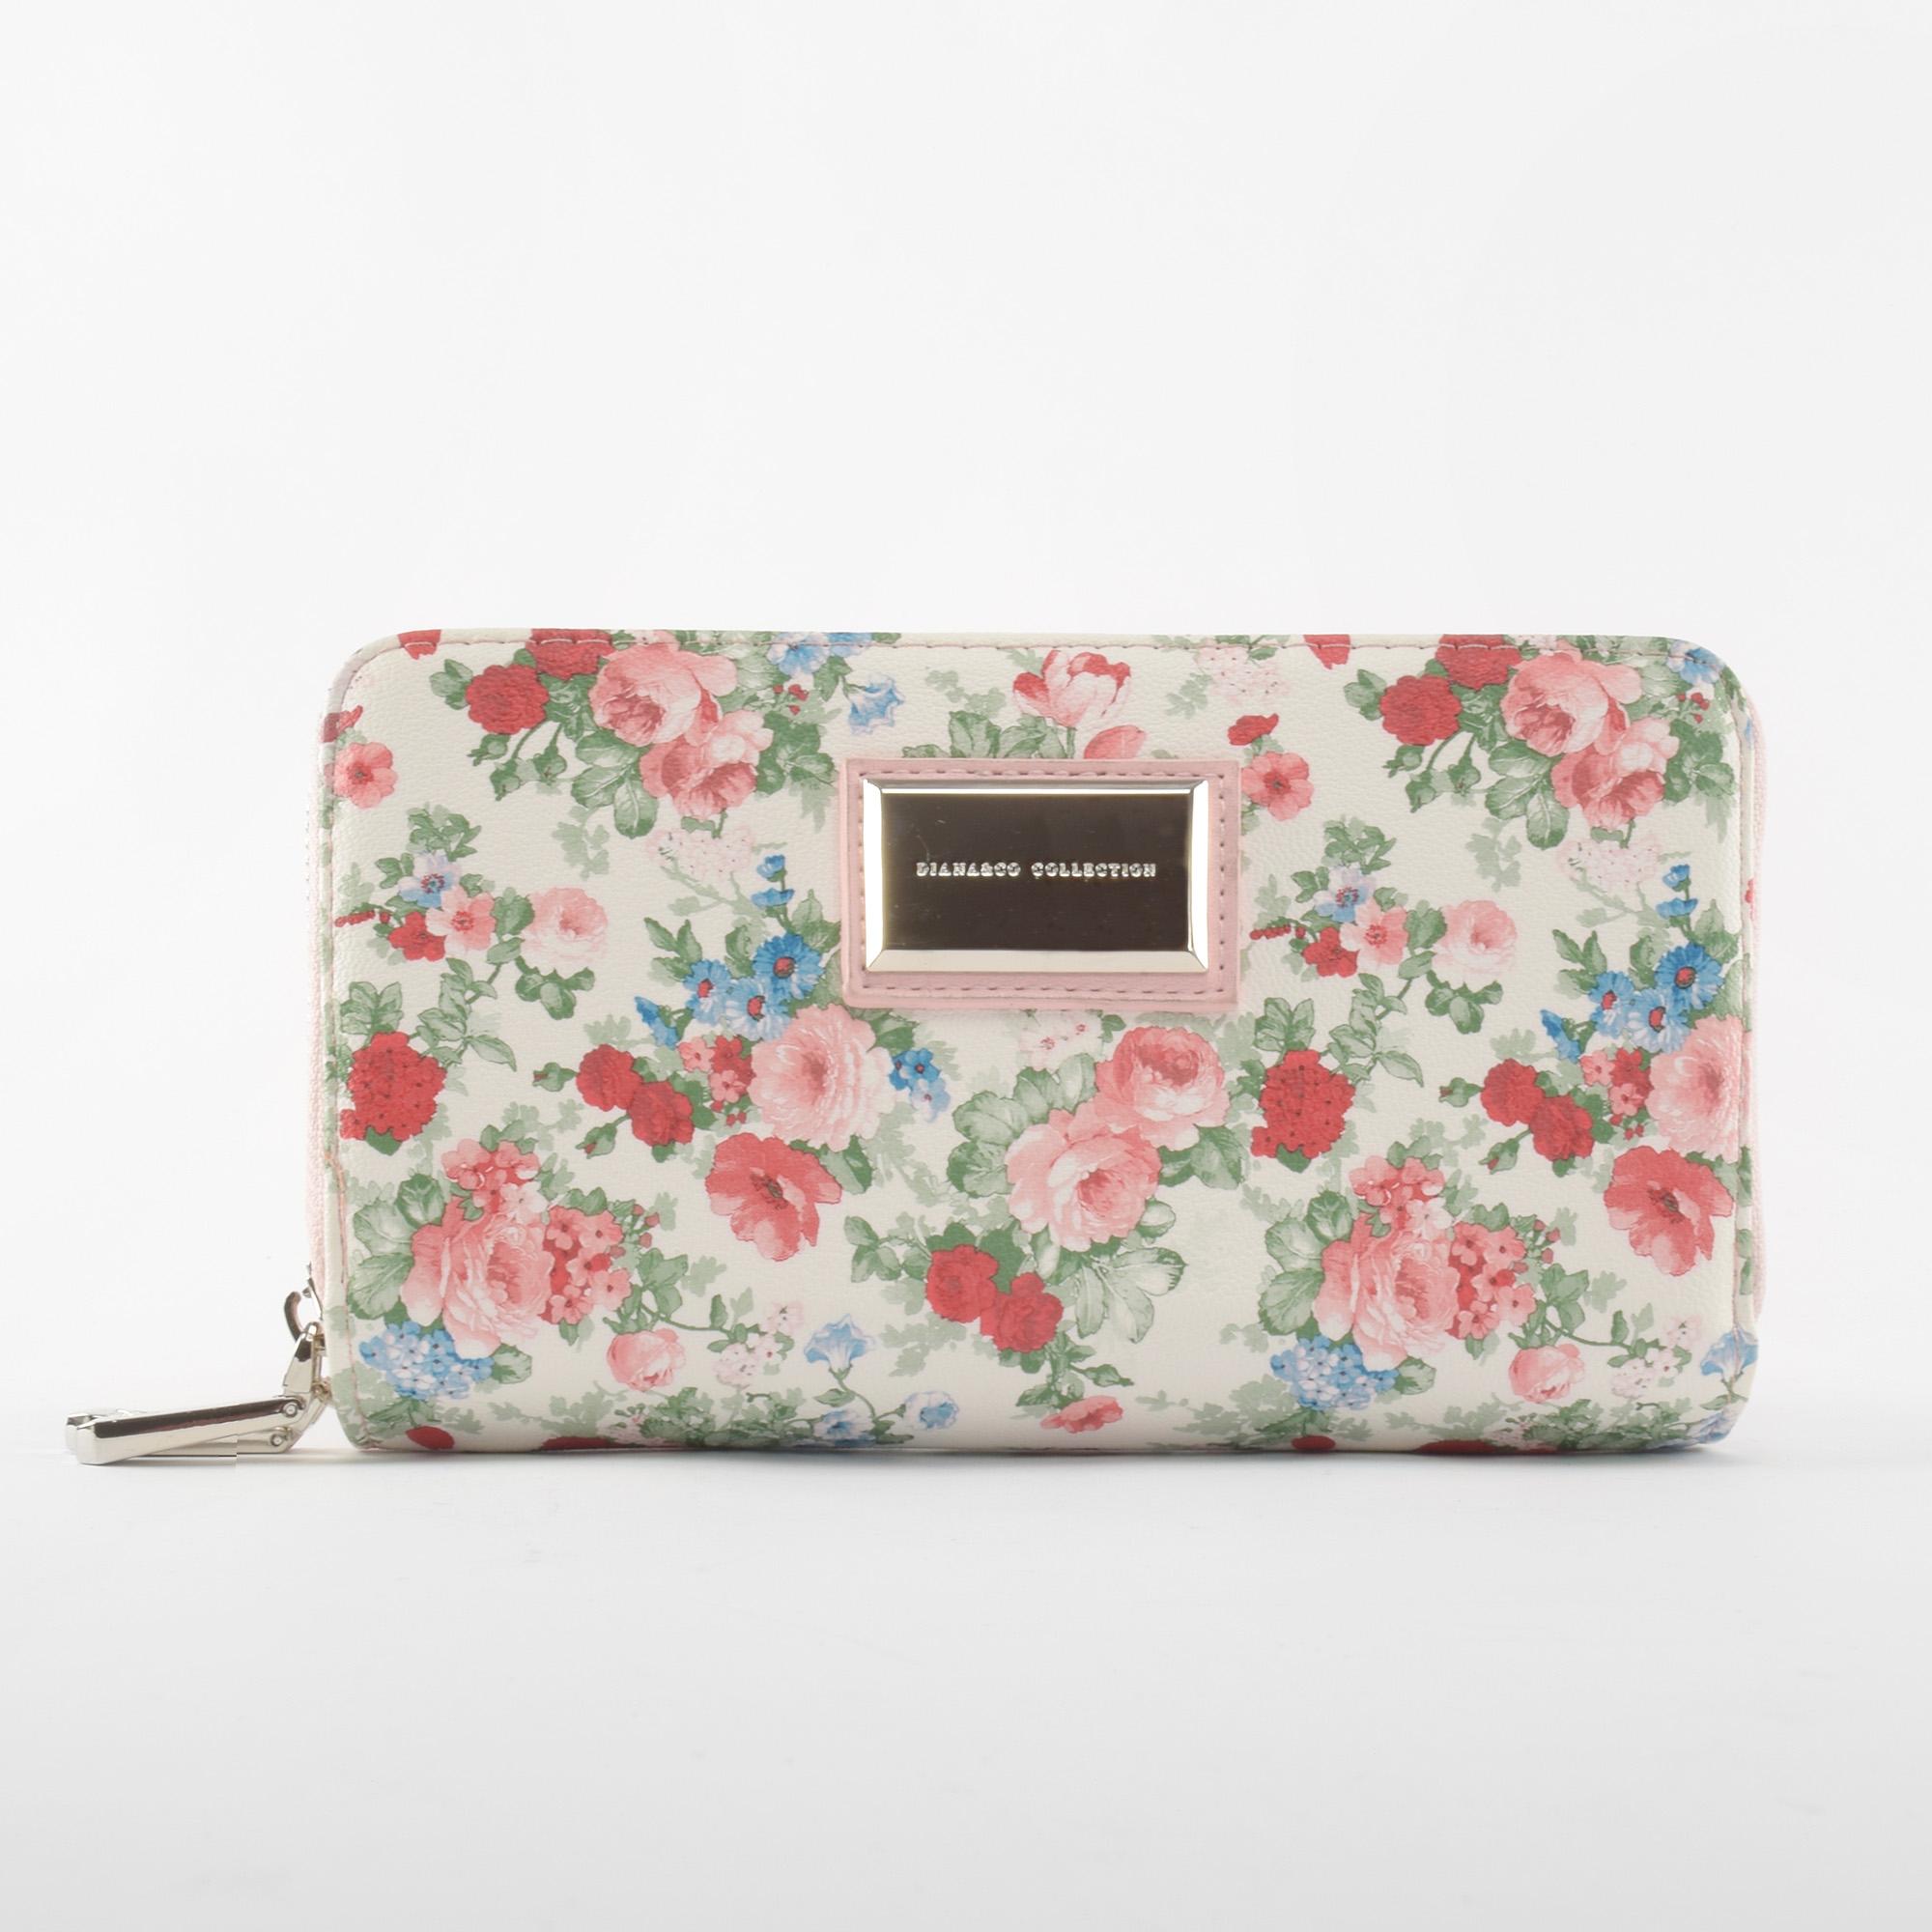 7b3660fb32 Diana & Co Firenze Rózsaszín Rostbőr Pénztárca - NŐI PÉNZTÁRCÁK - Táska  webáruház - Minőségi táskák mindenkinek